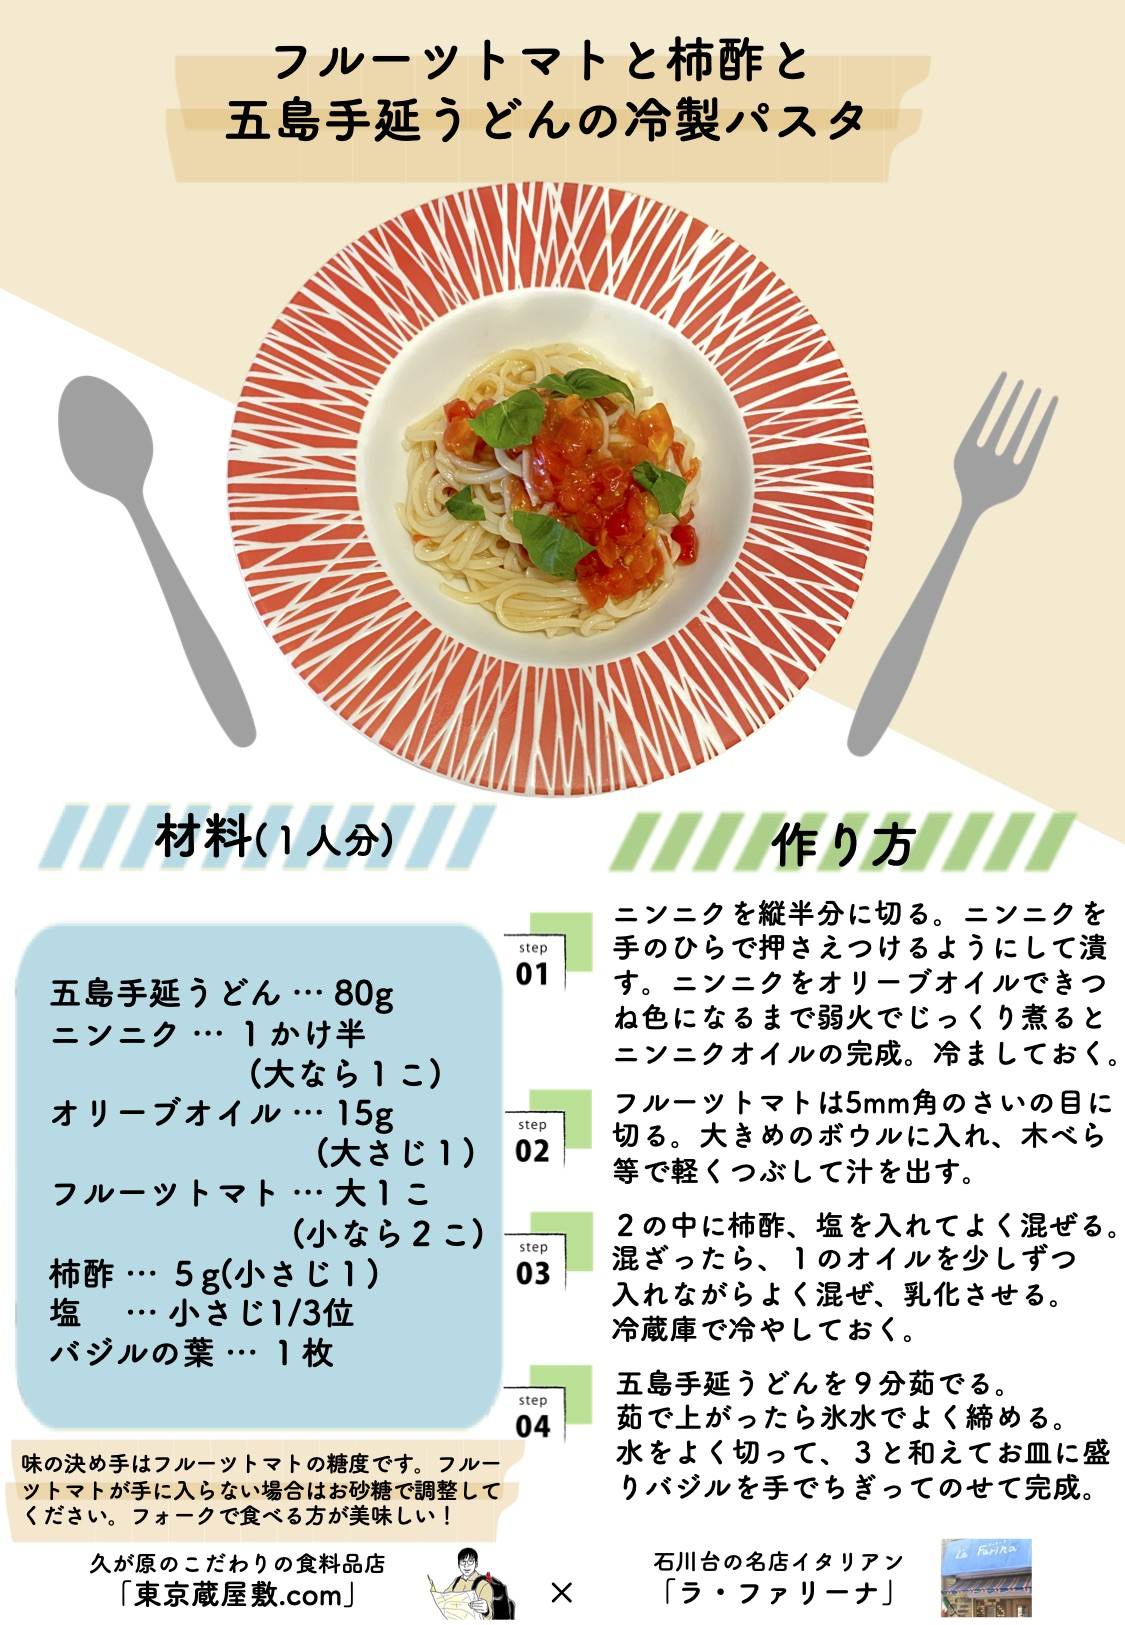 レシピ紹介〜フルーツトマトと柿酢と五島手延うどんの冷製パスタ〜